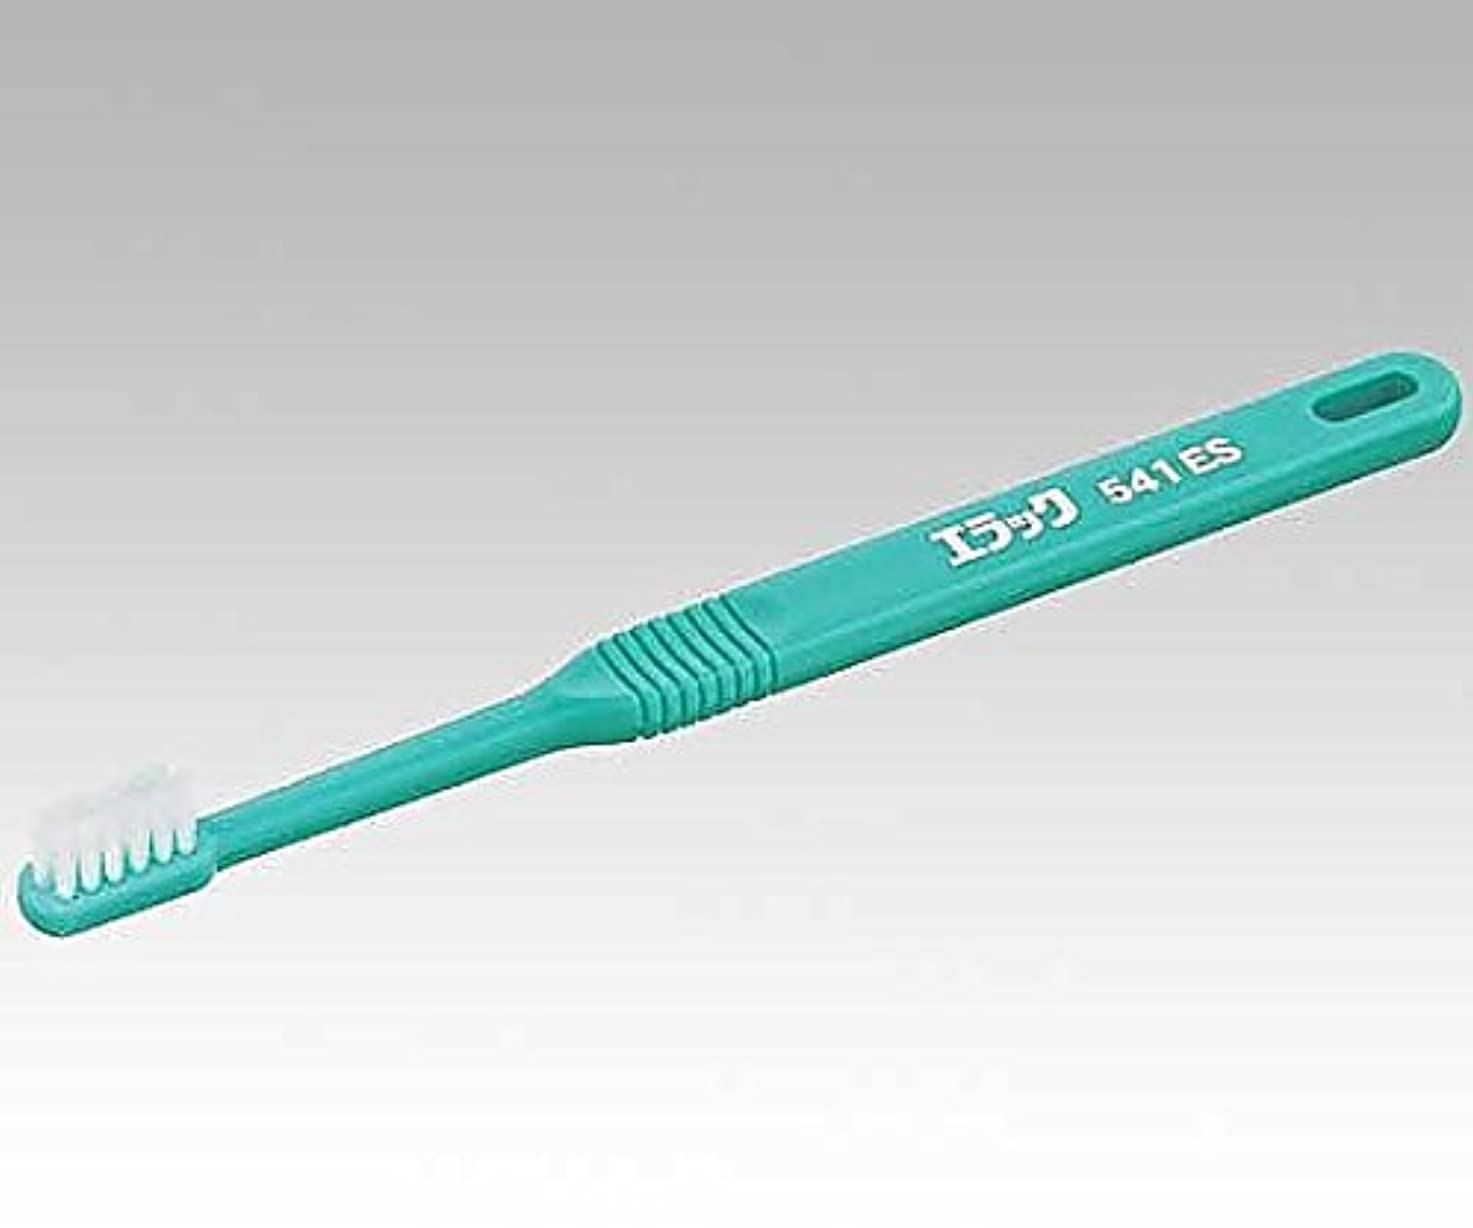 れんが洗剤サドルライオン8-7892-02介助用歯ブラシ(エクストラソフト)